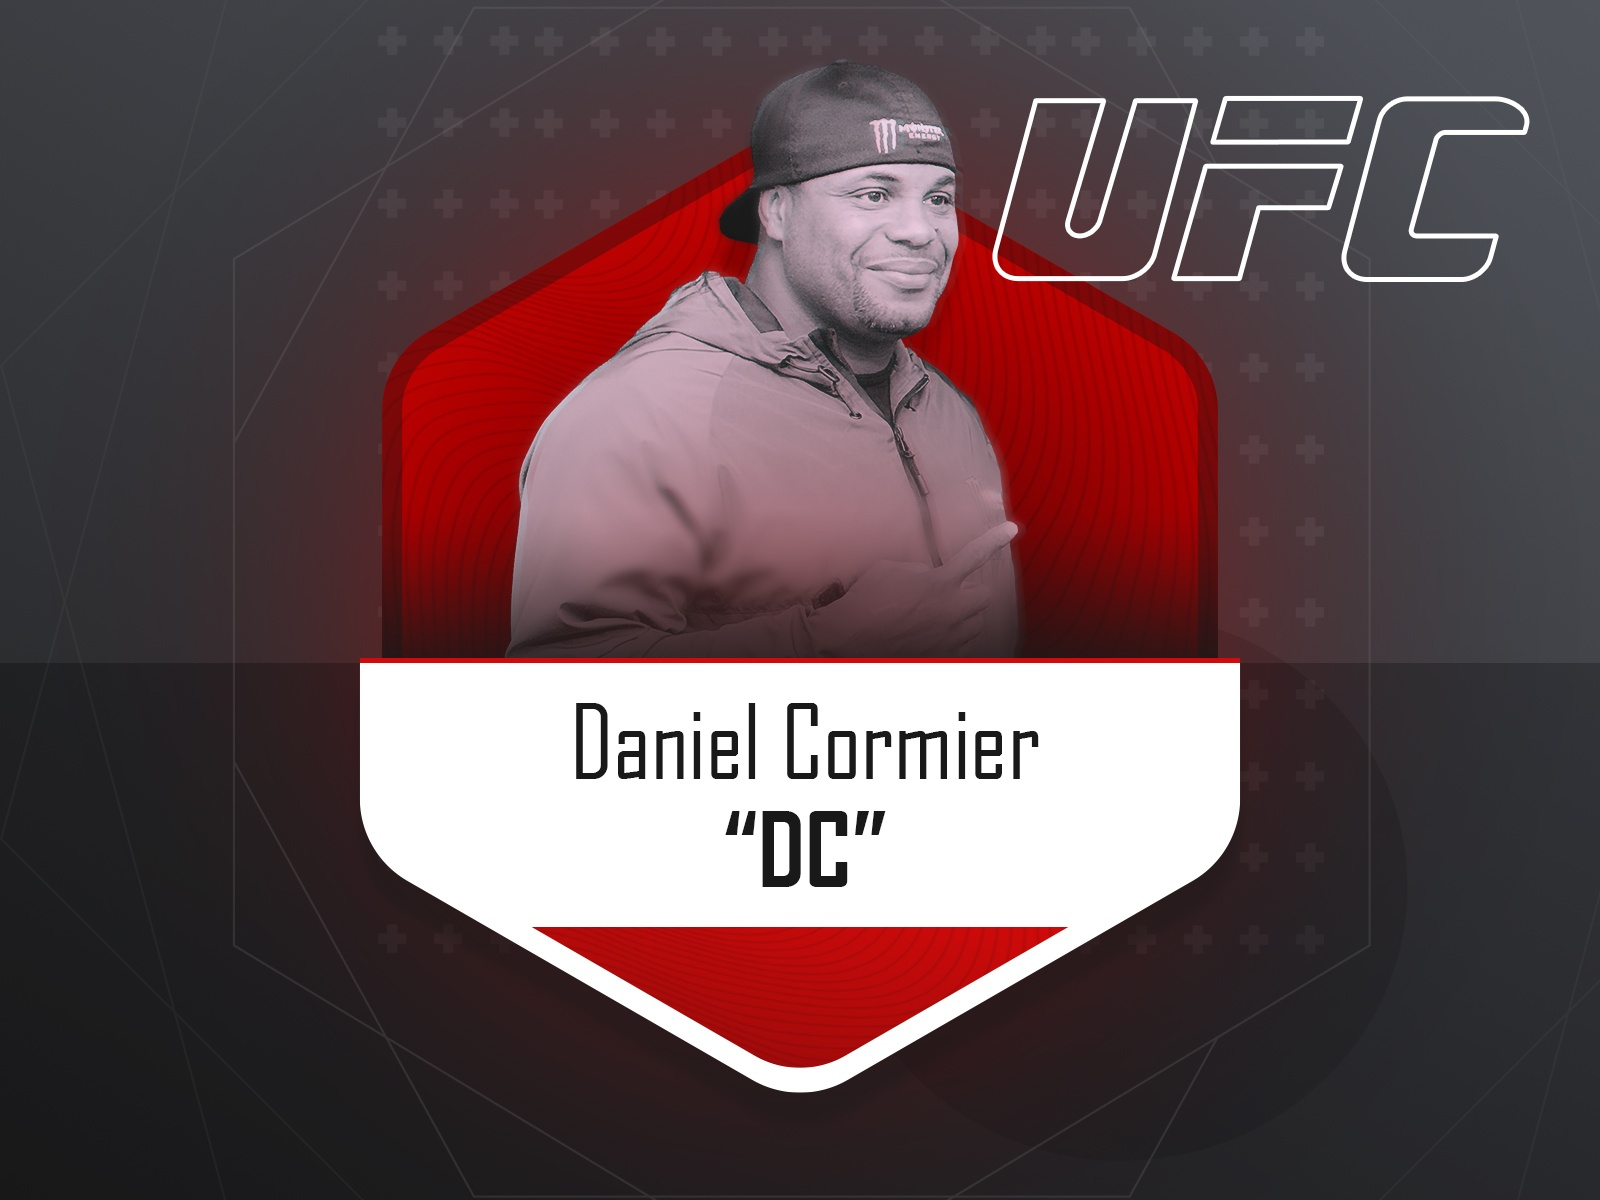 Daniel Cormier - UFC fighter